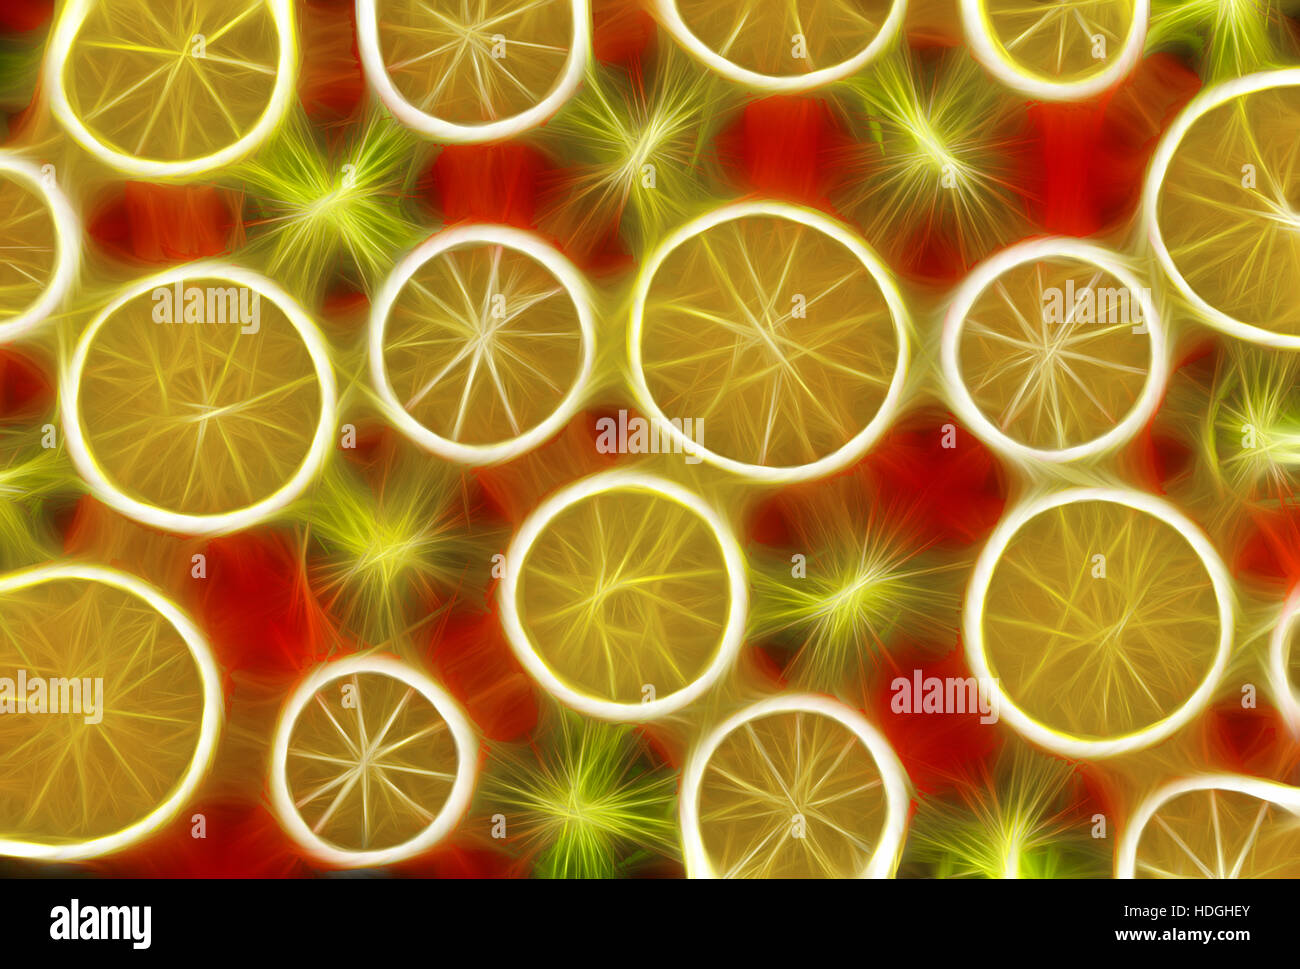 Background texture-fruit mix: lemon, orange, kiwi on red background. - Stock Image